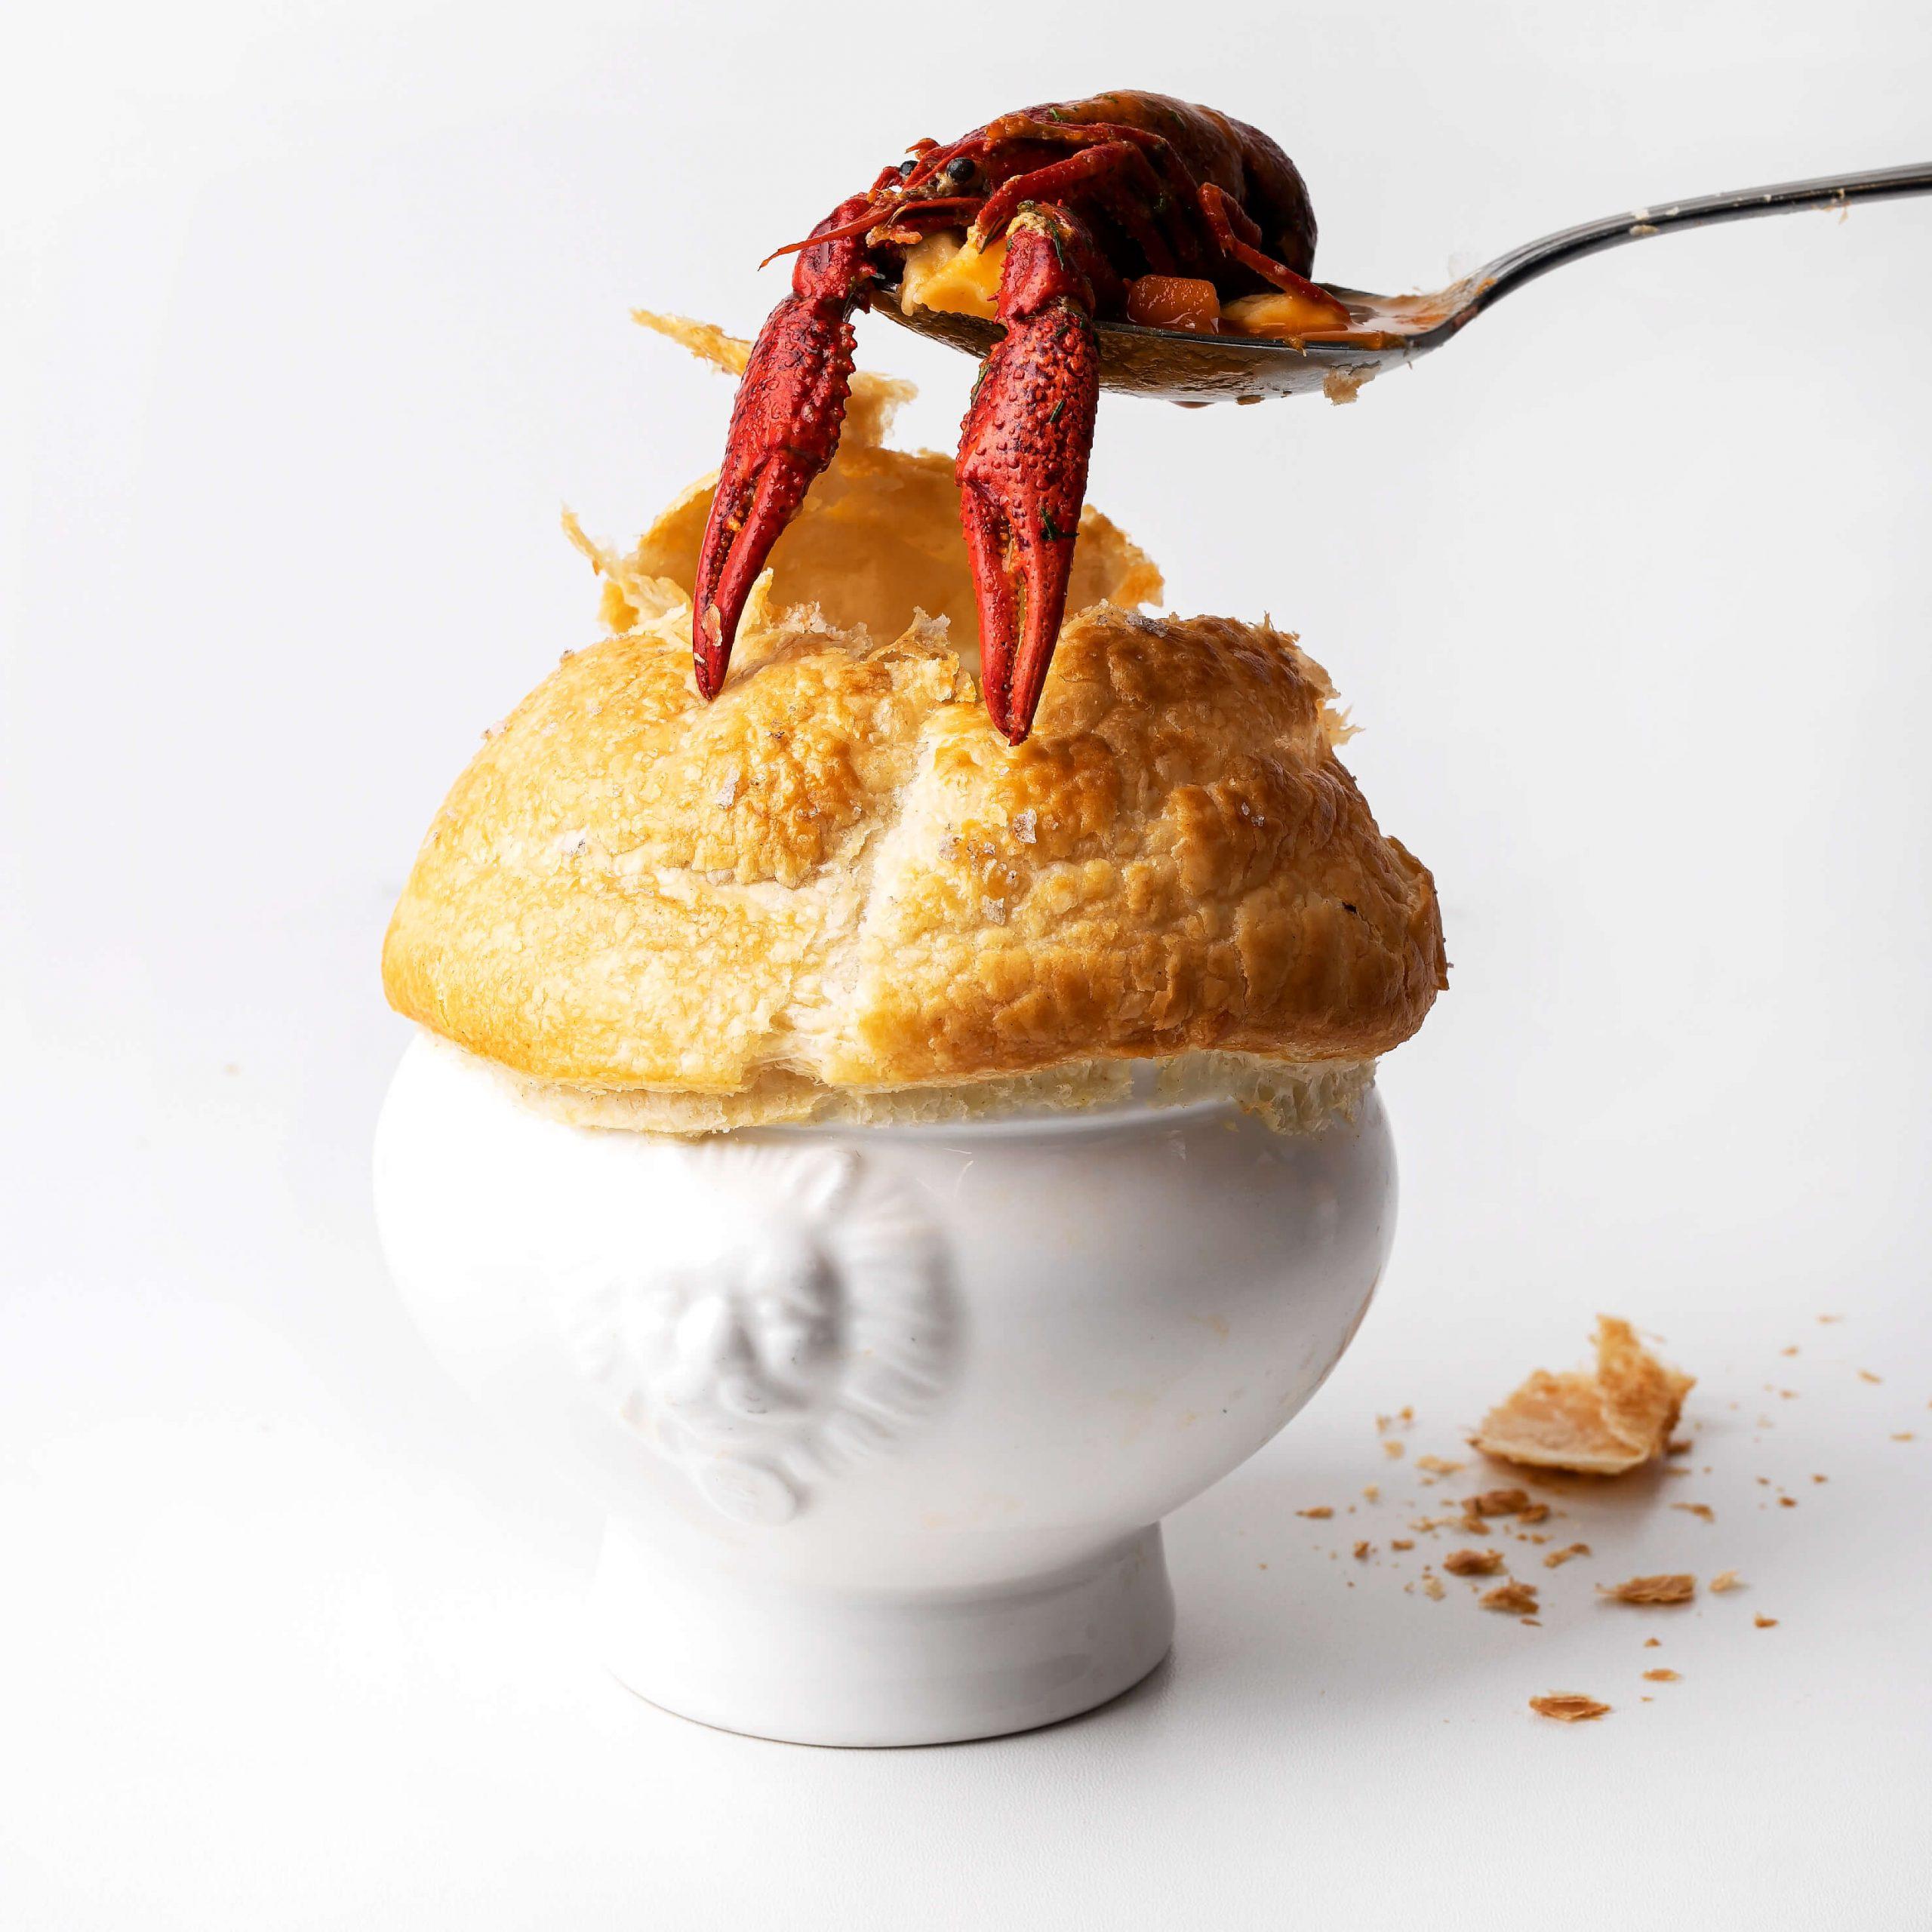 zupa rakowa fot. Joanna Ogorek 2 scaled - Dzień Turystyki Kulinarnej - przepis na kaszubską zupę rakową